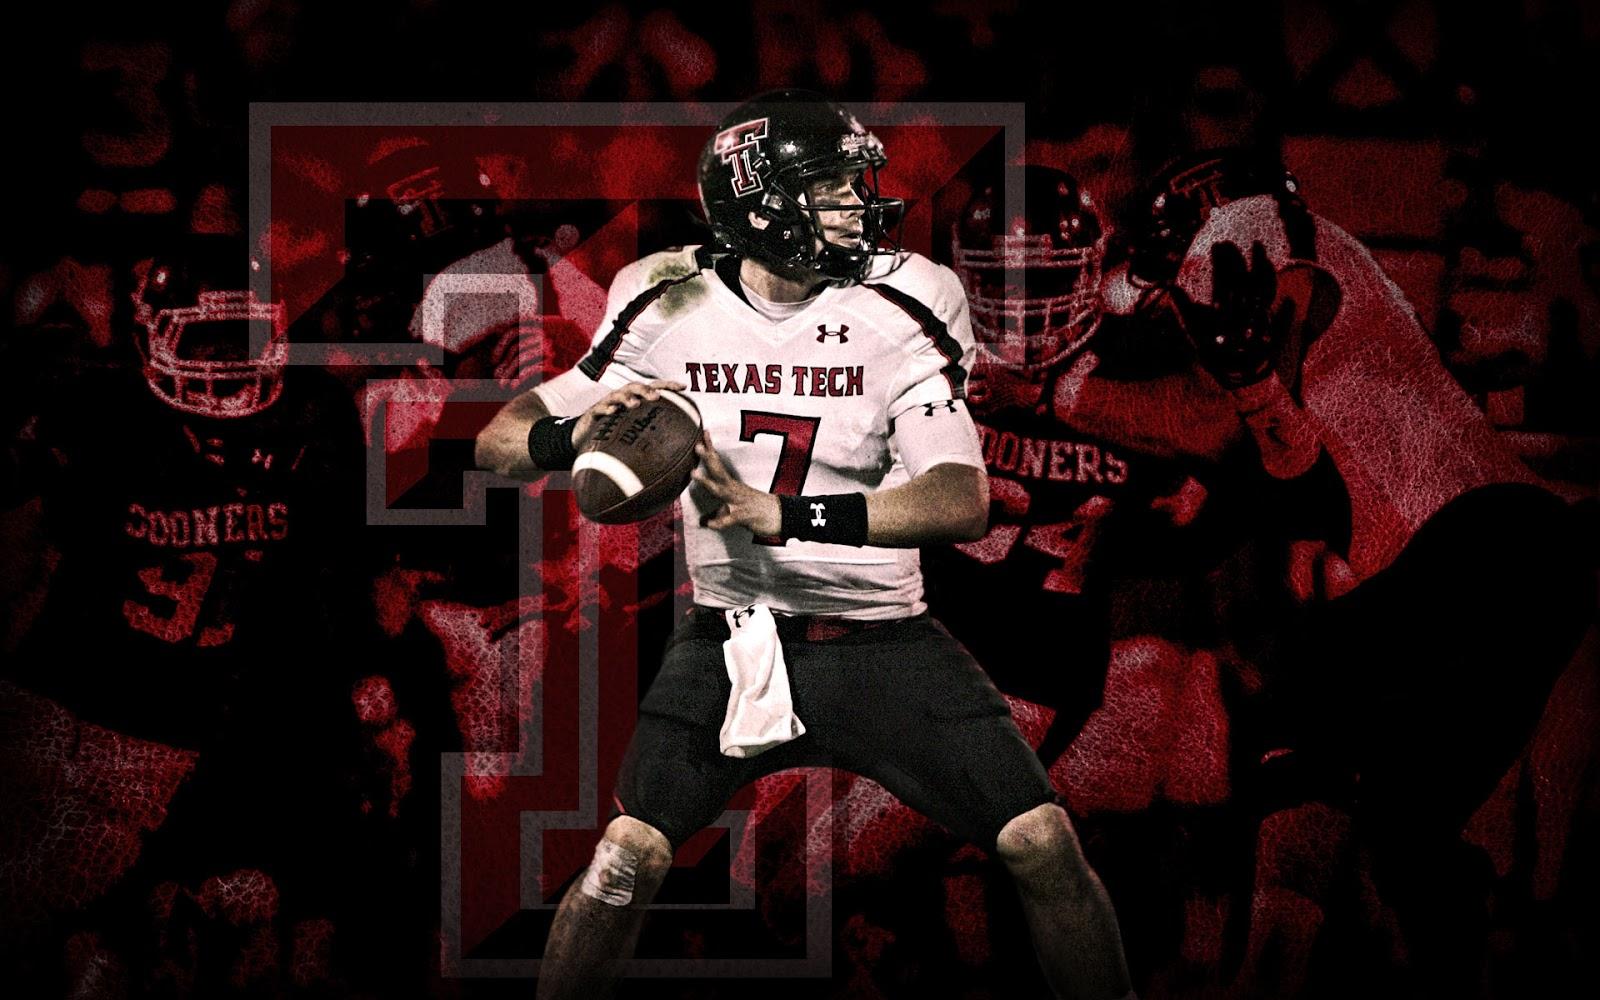 Texas Tech Red Raiders 1600x1000